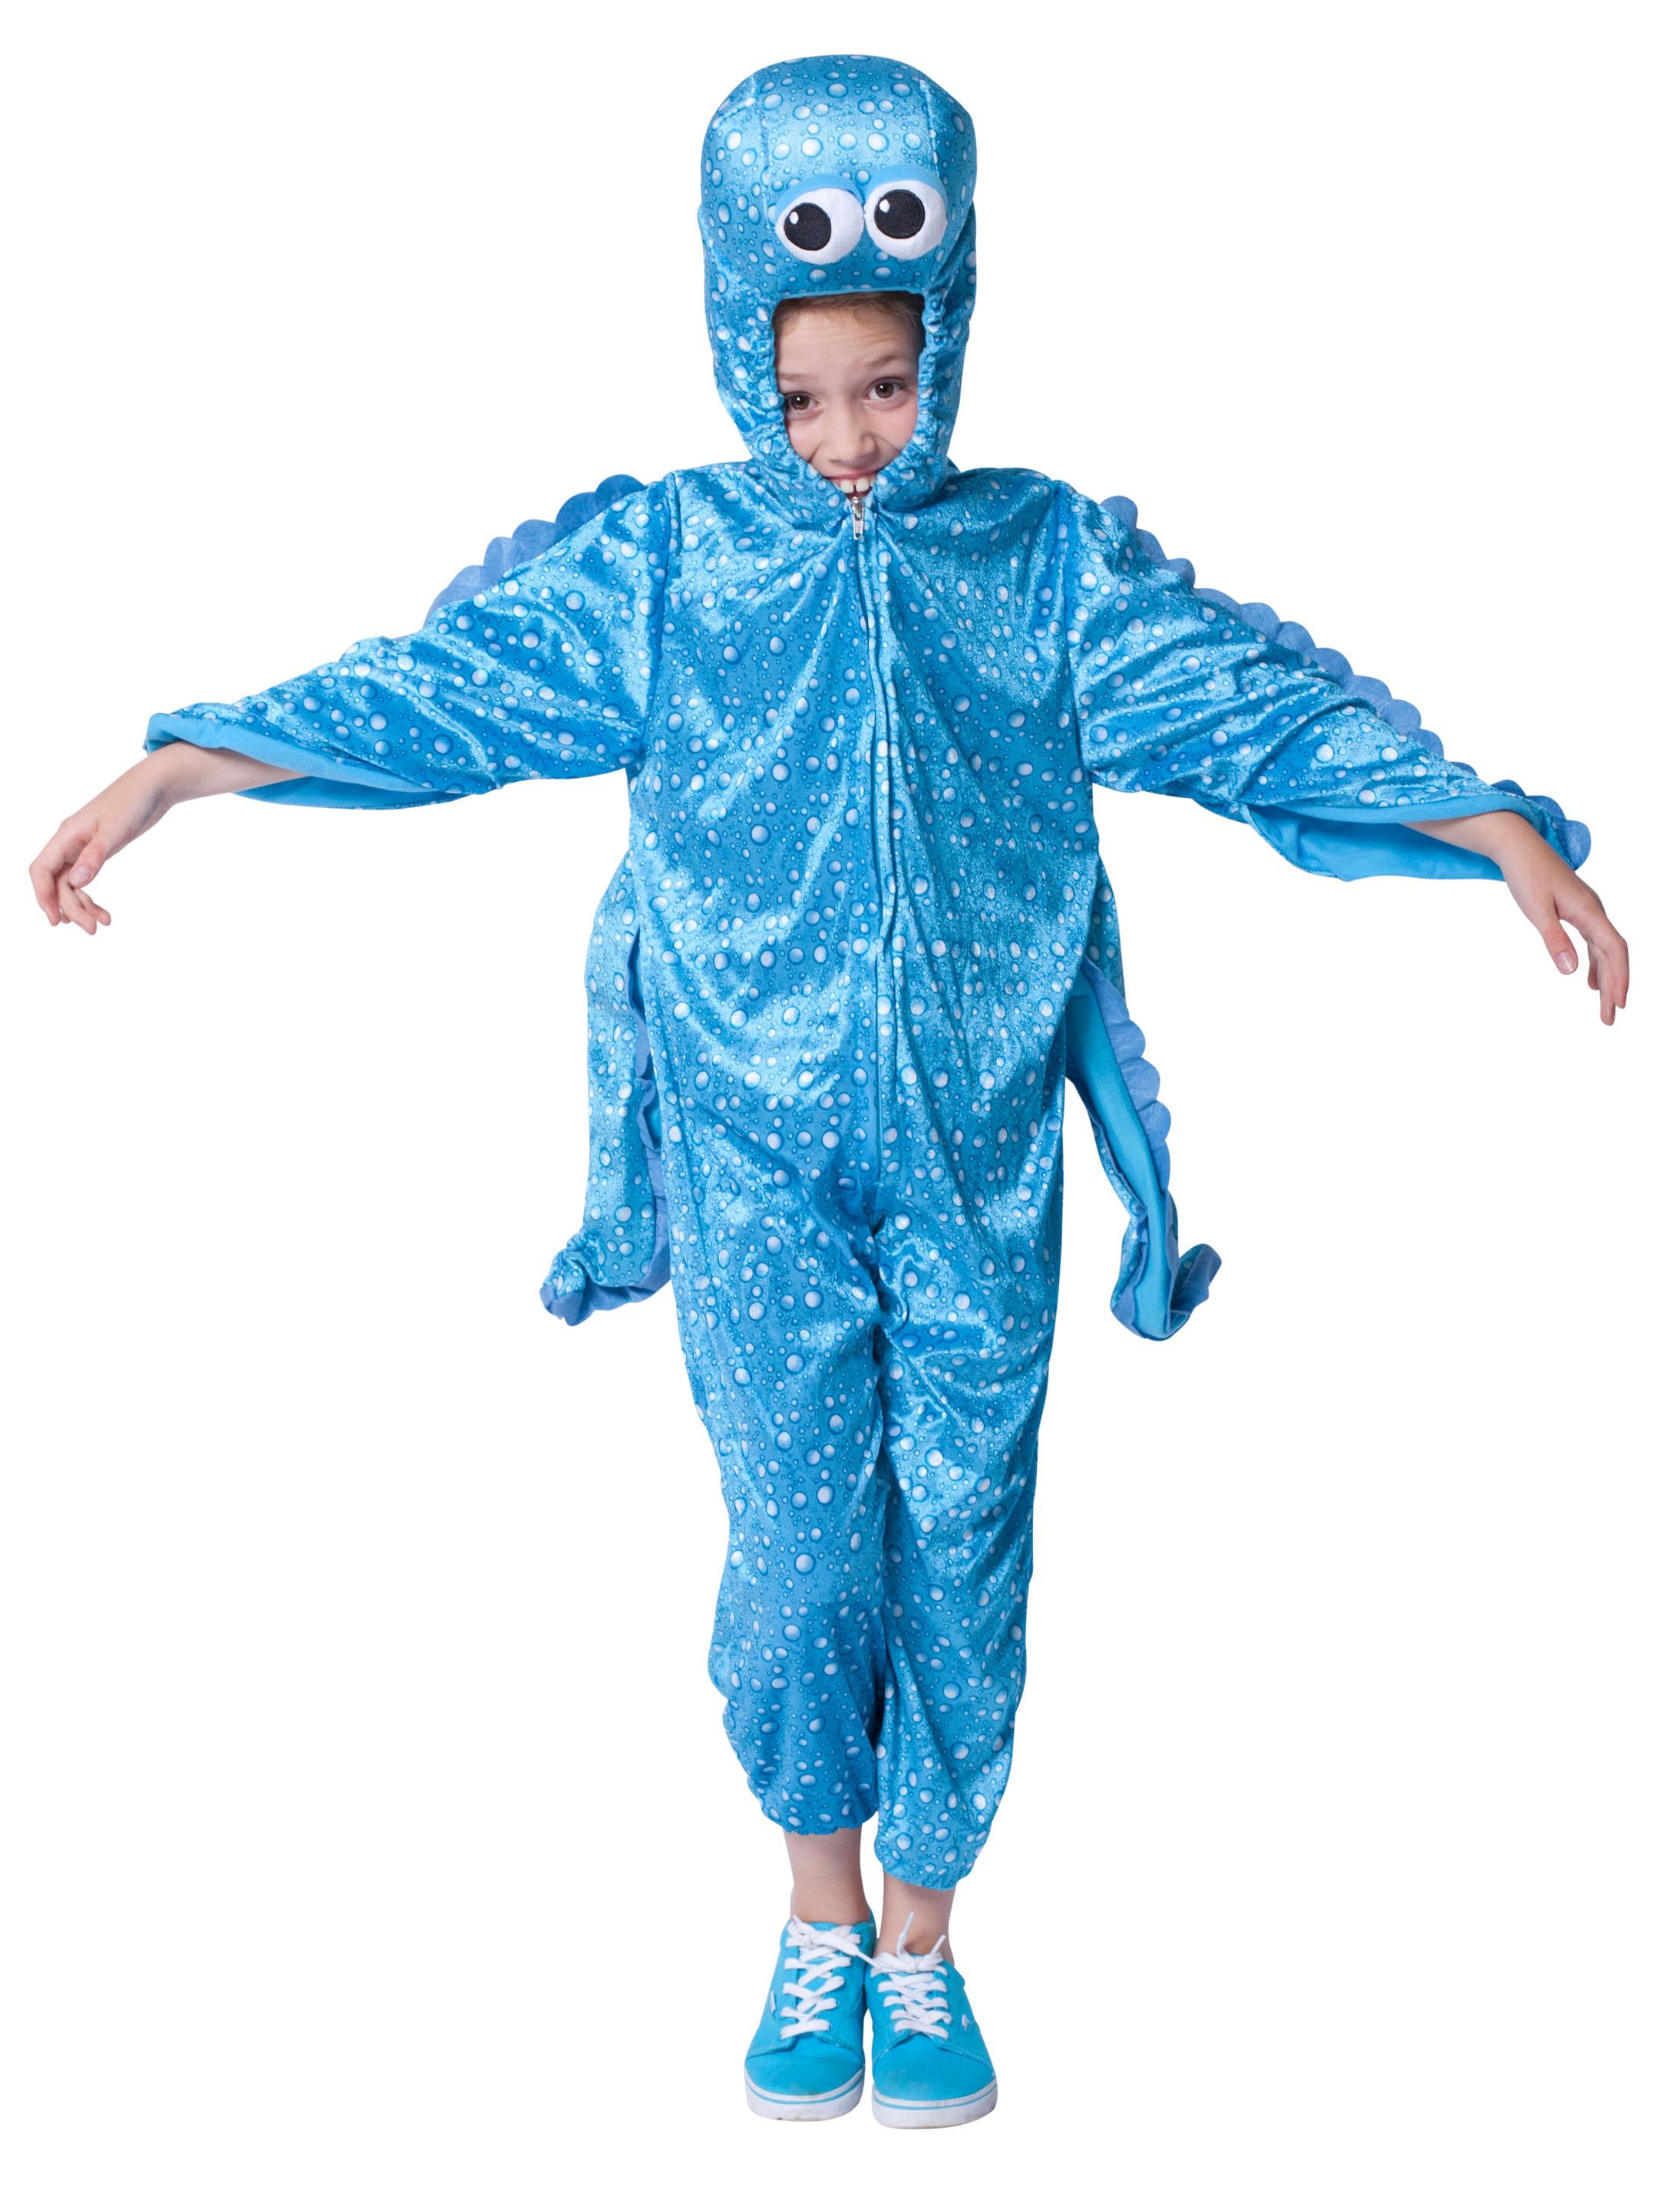 Kinder-Kostuem Overall Pluesch Tintenfisch blau Kinder  Grosse: 104